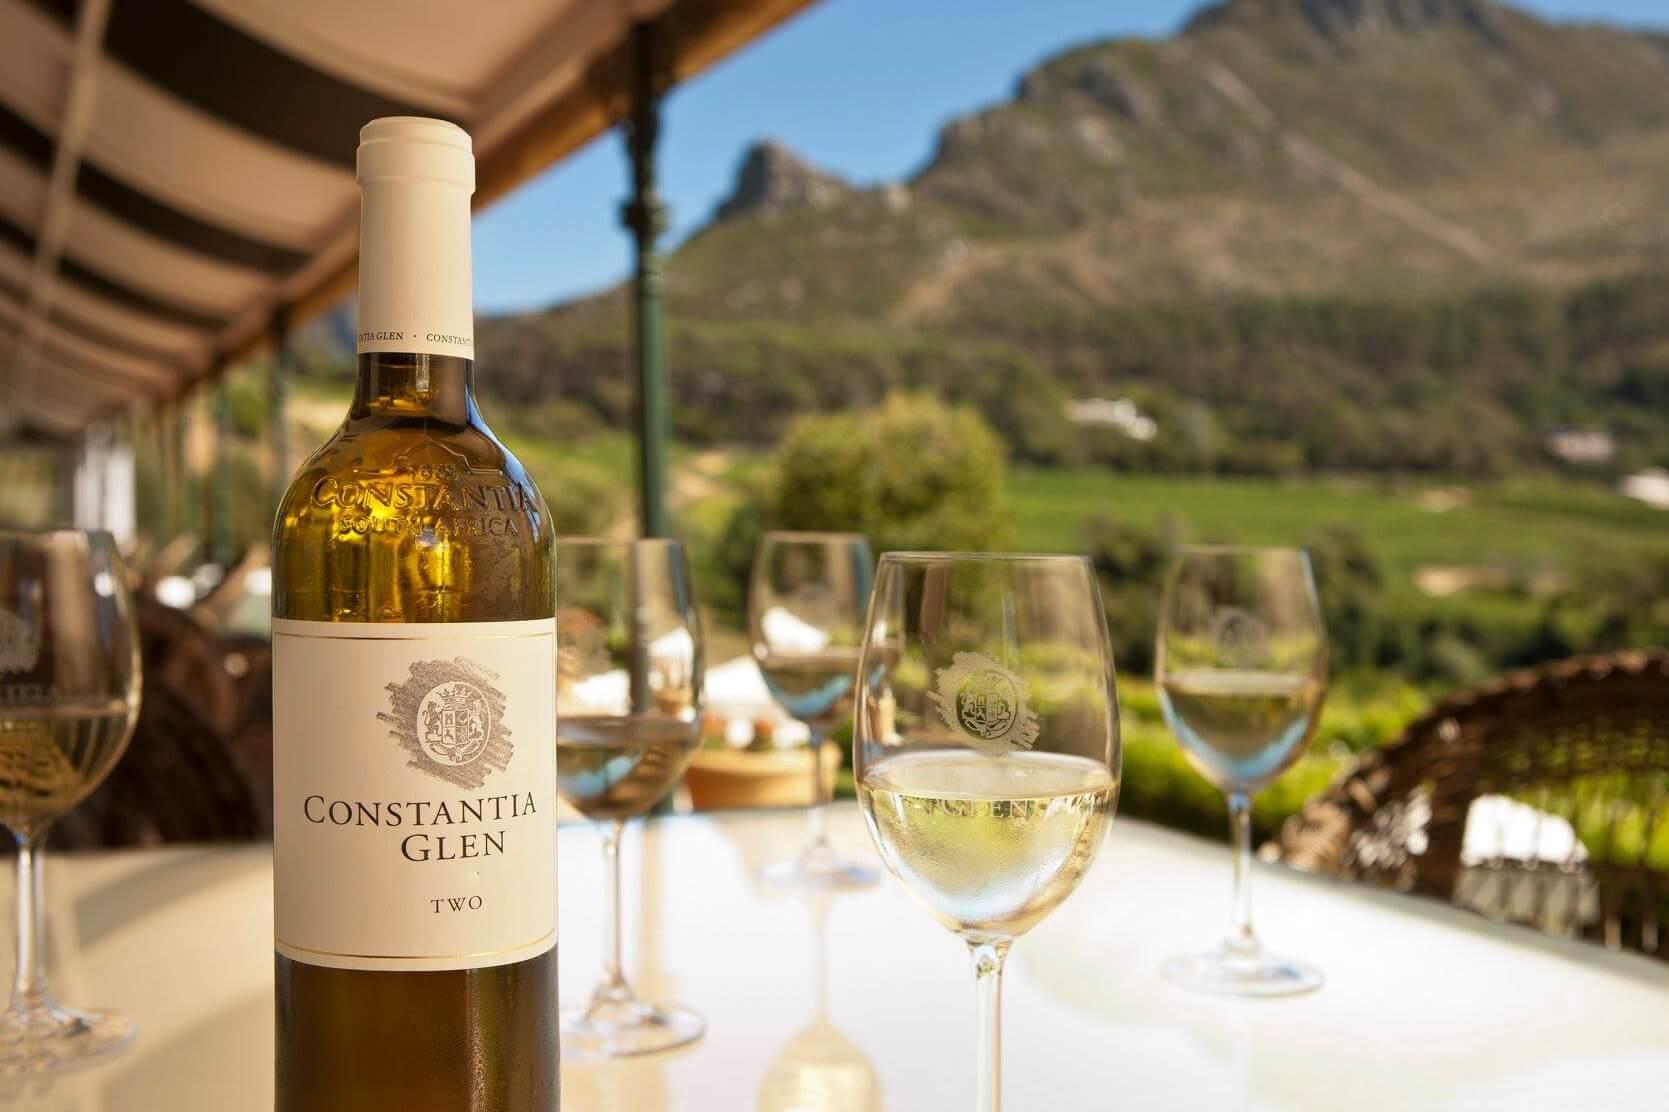 The Constantia Wine Route